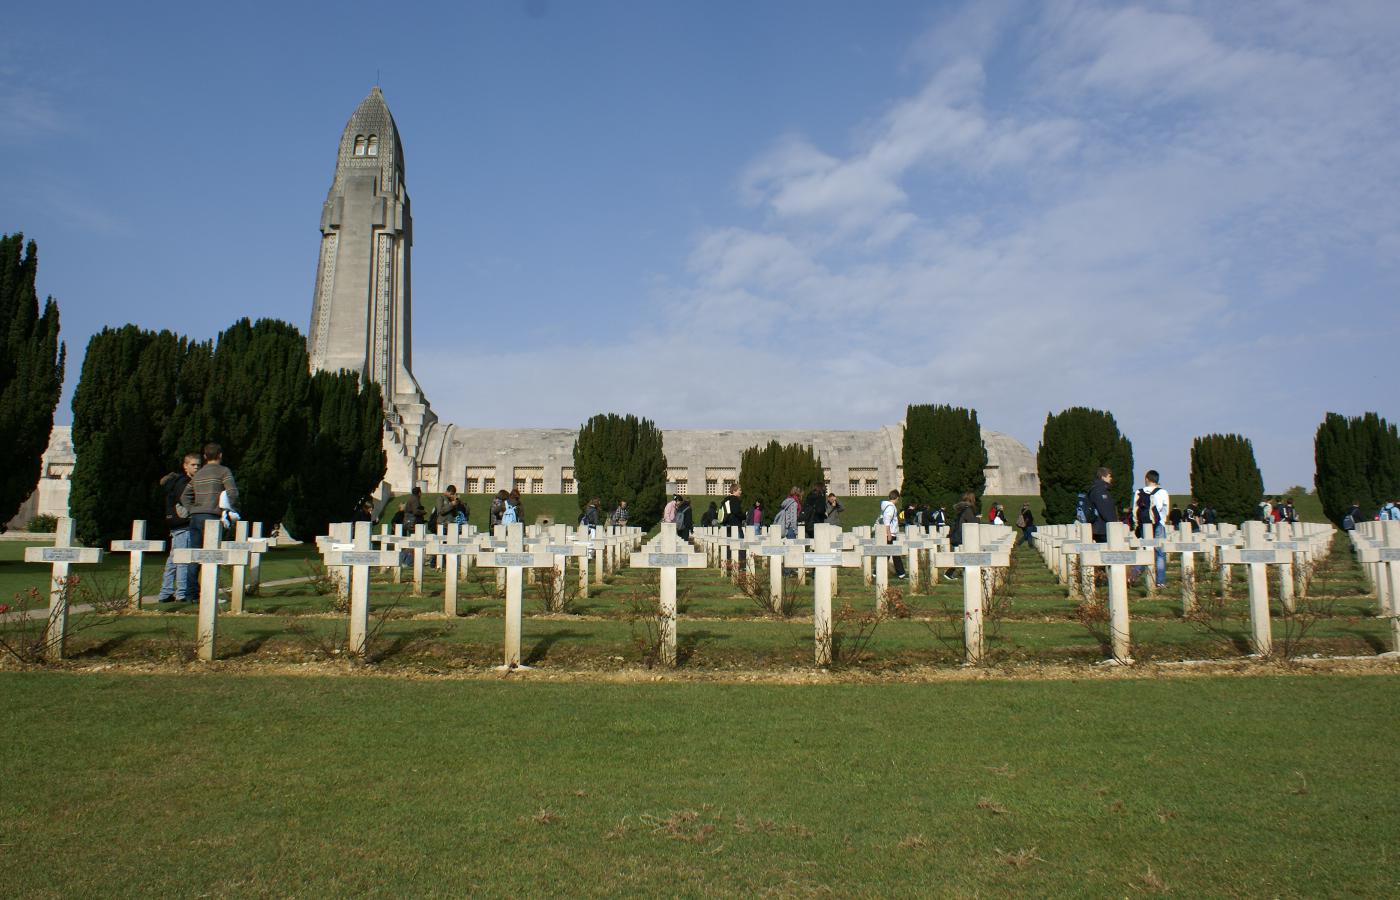 L'ossuaire de Douaumont et le cimetière militaire français (photo : N. Charles)